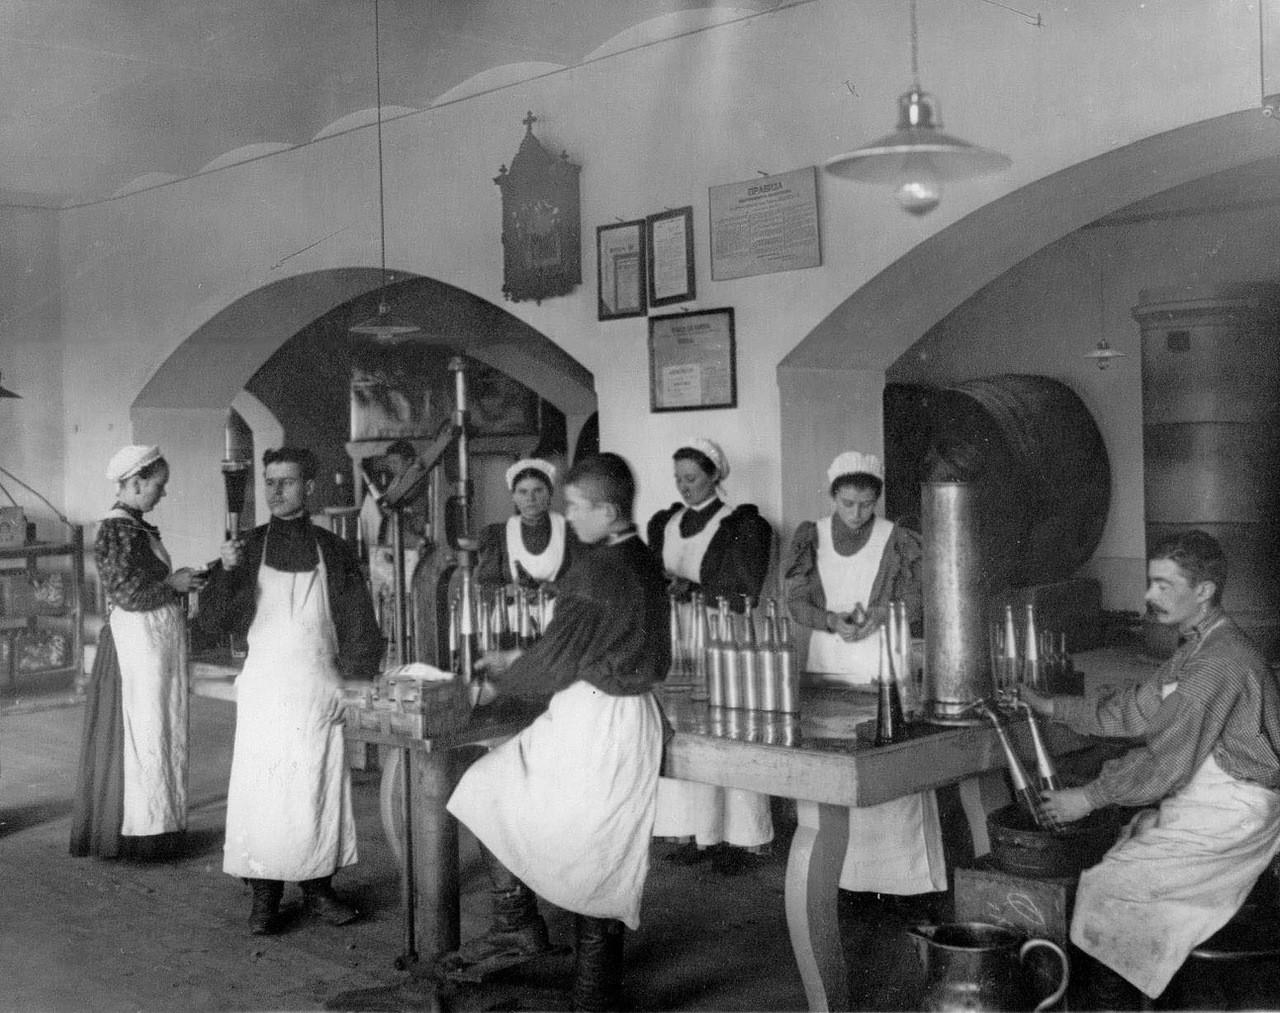 Trabajadores embotellando vodka.